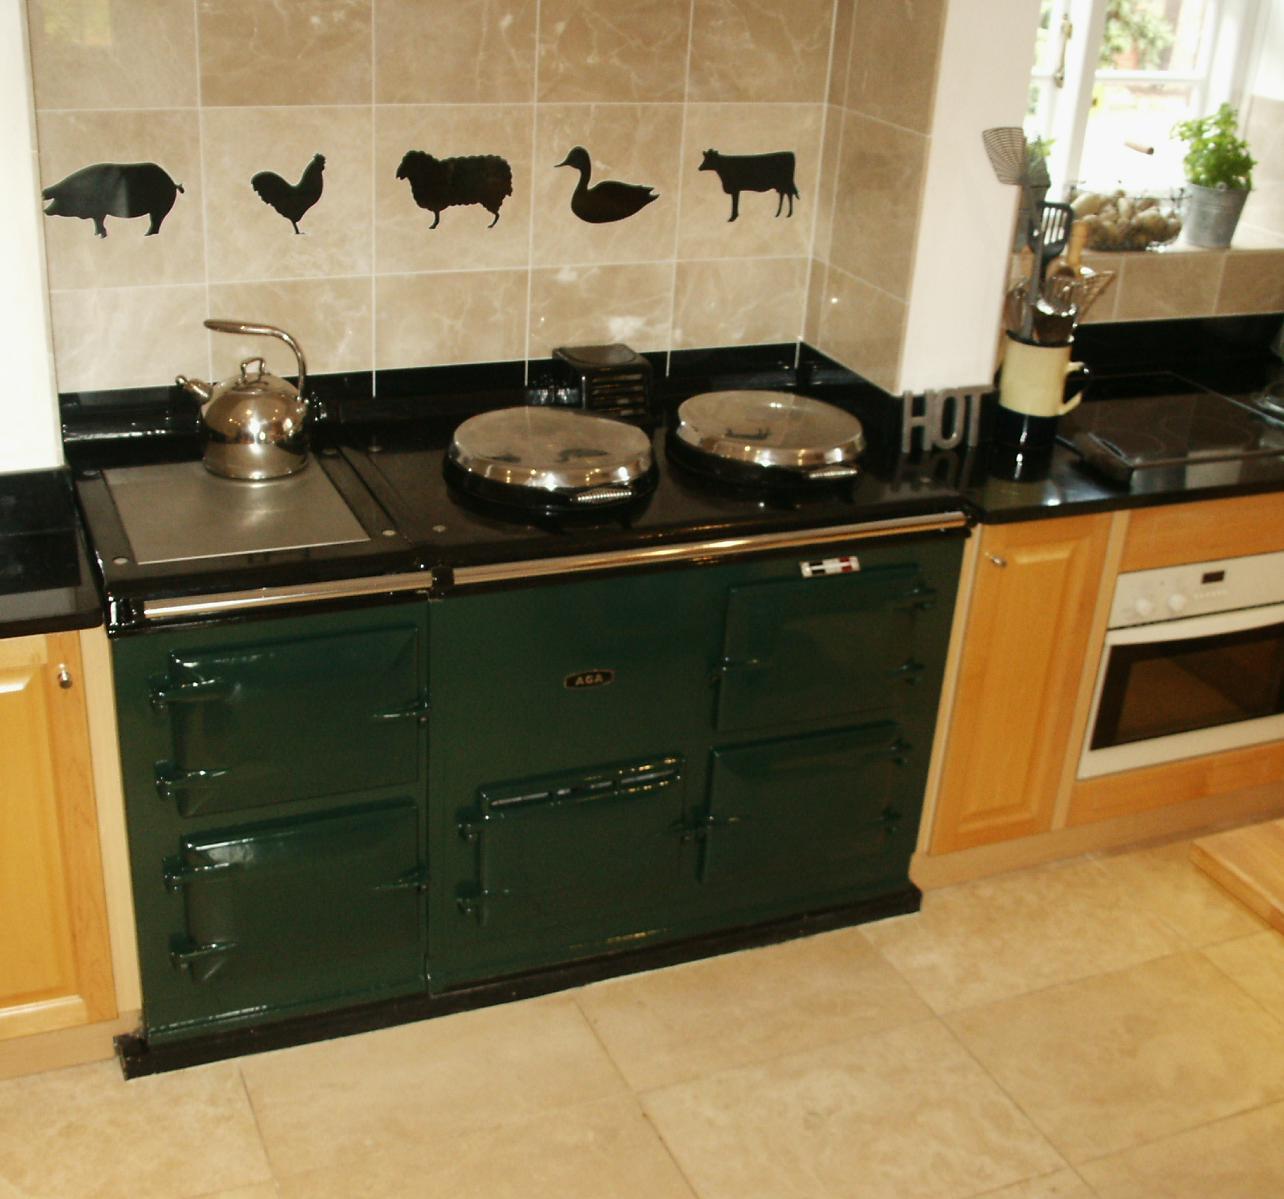 Kitchen Worktops York Uk: Stone Tiles, Fireplaces, Granite Worktops, Table Tops